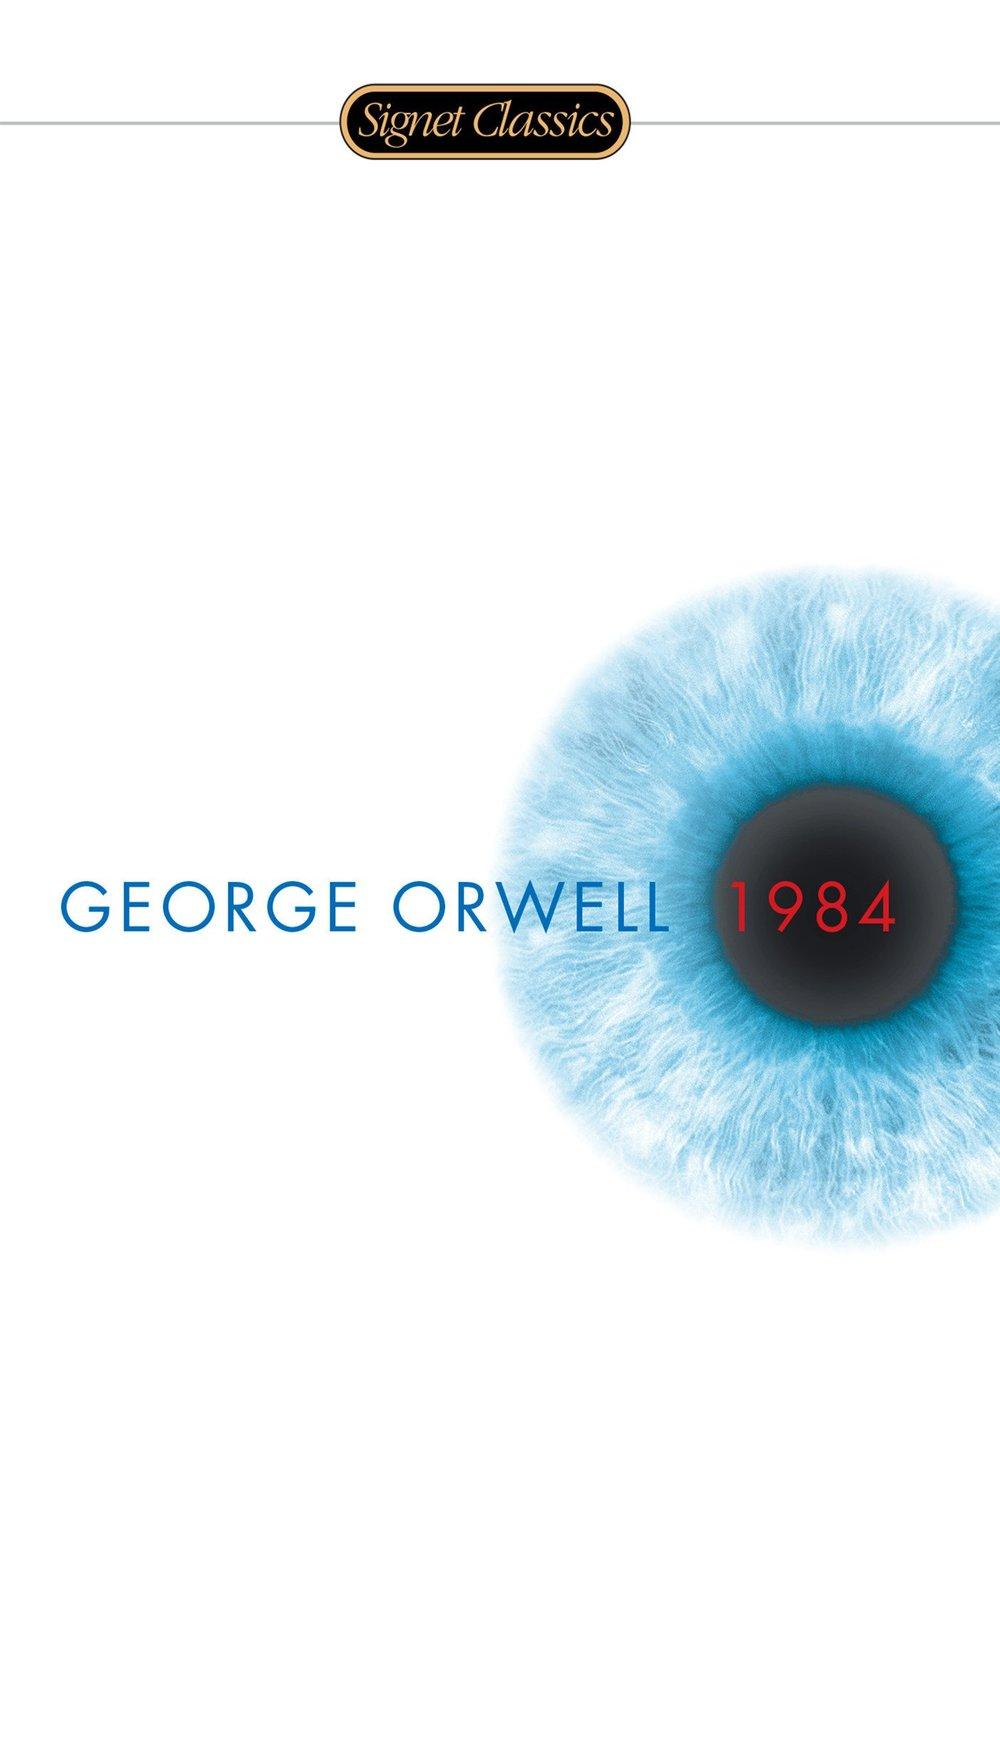 1984-by-george-orwell.jpg